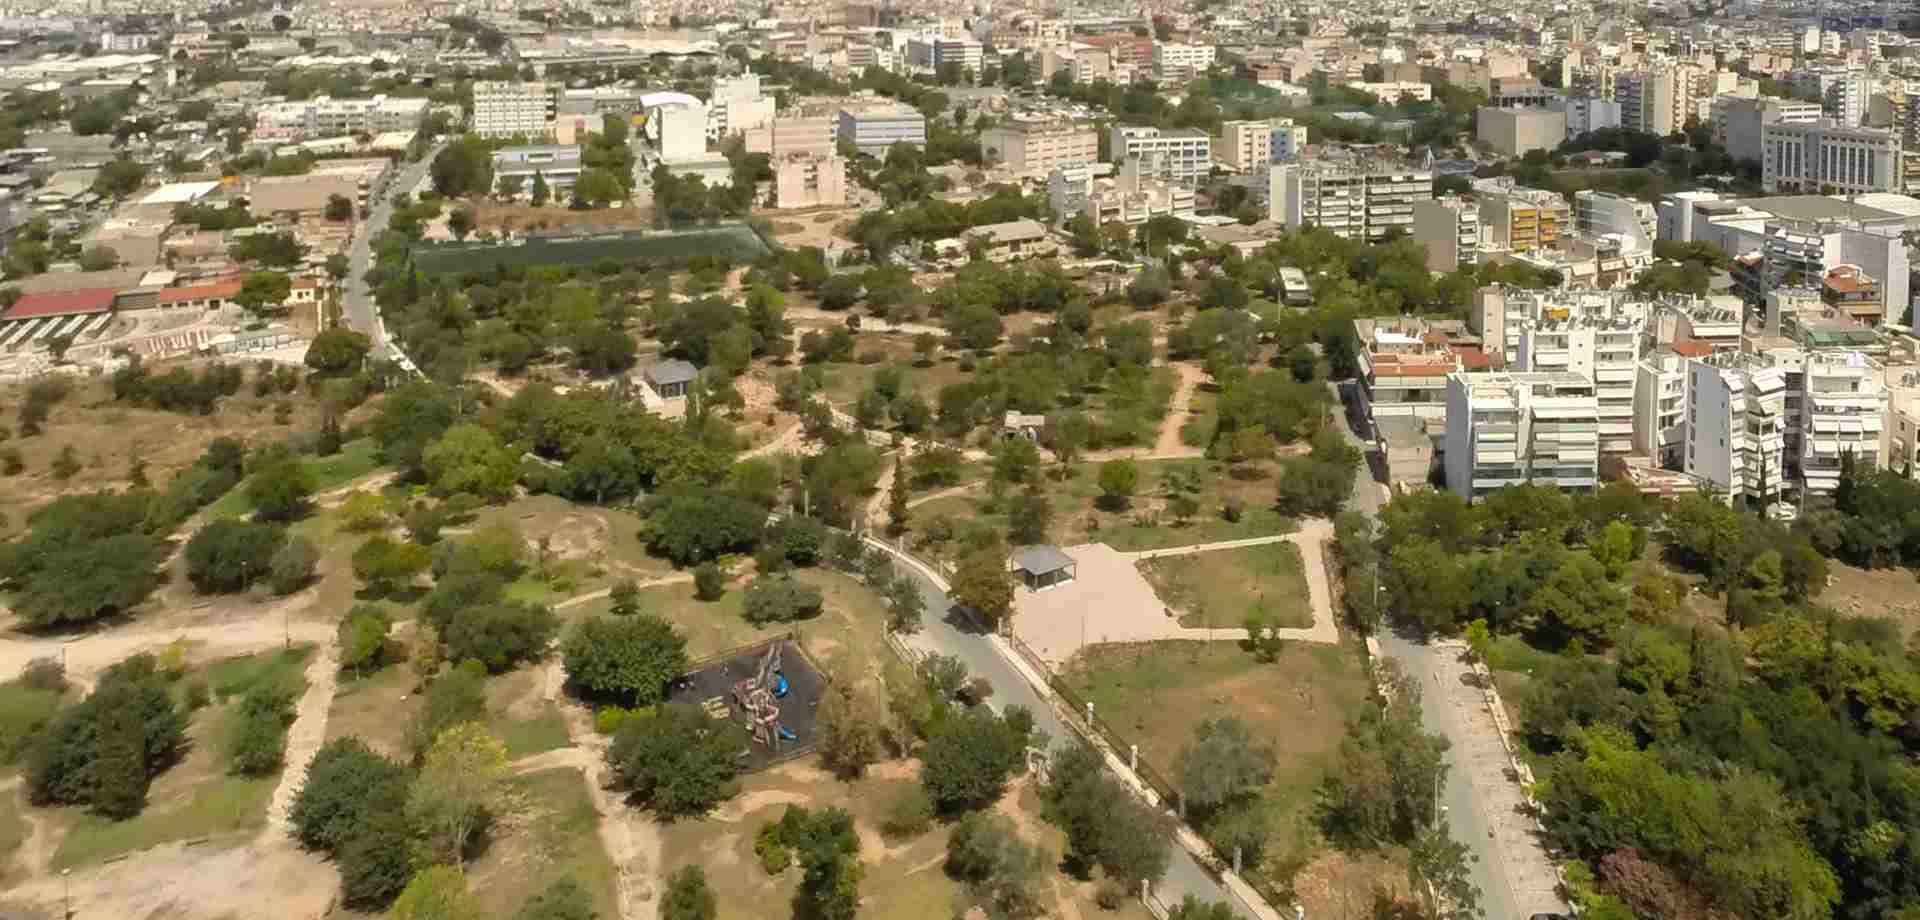 Αναδεικνύεται η Ακαδημία Πλάτωνος_Δημιουργείται το Αρχαιολογικό Μουσείο Αθήνας